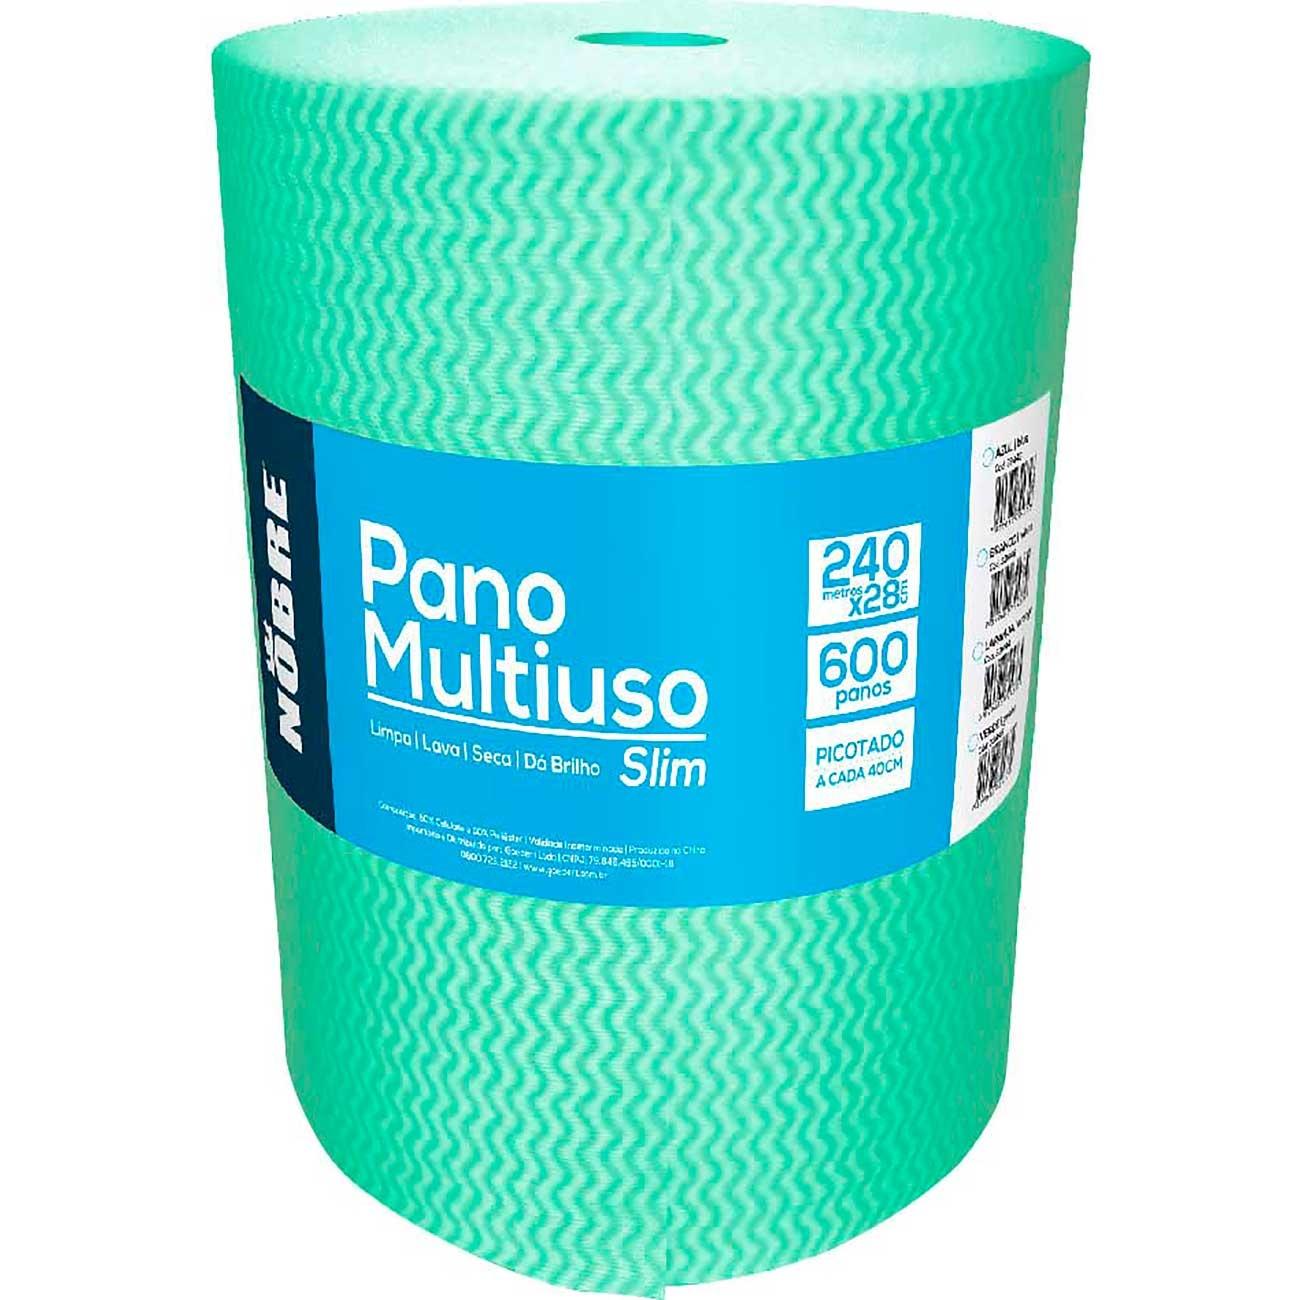 Pano MuLiuso Rolo Nobre Verde 240Mx28cm